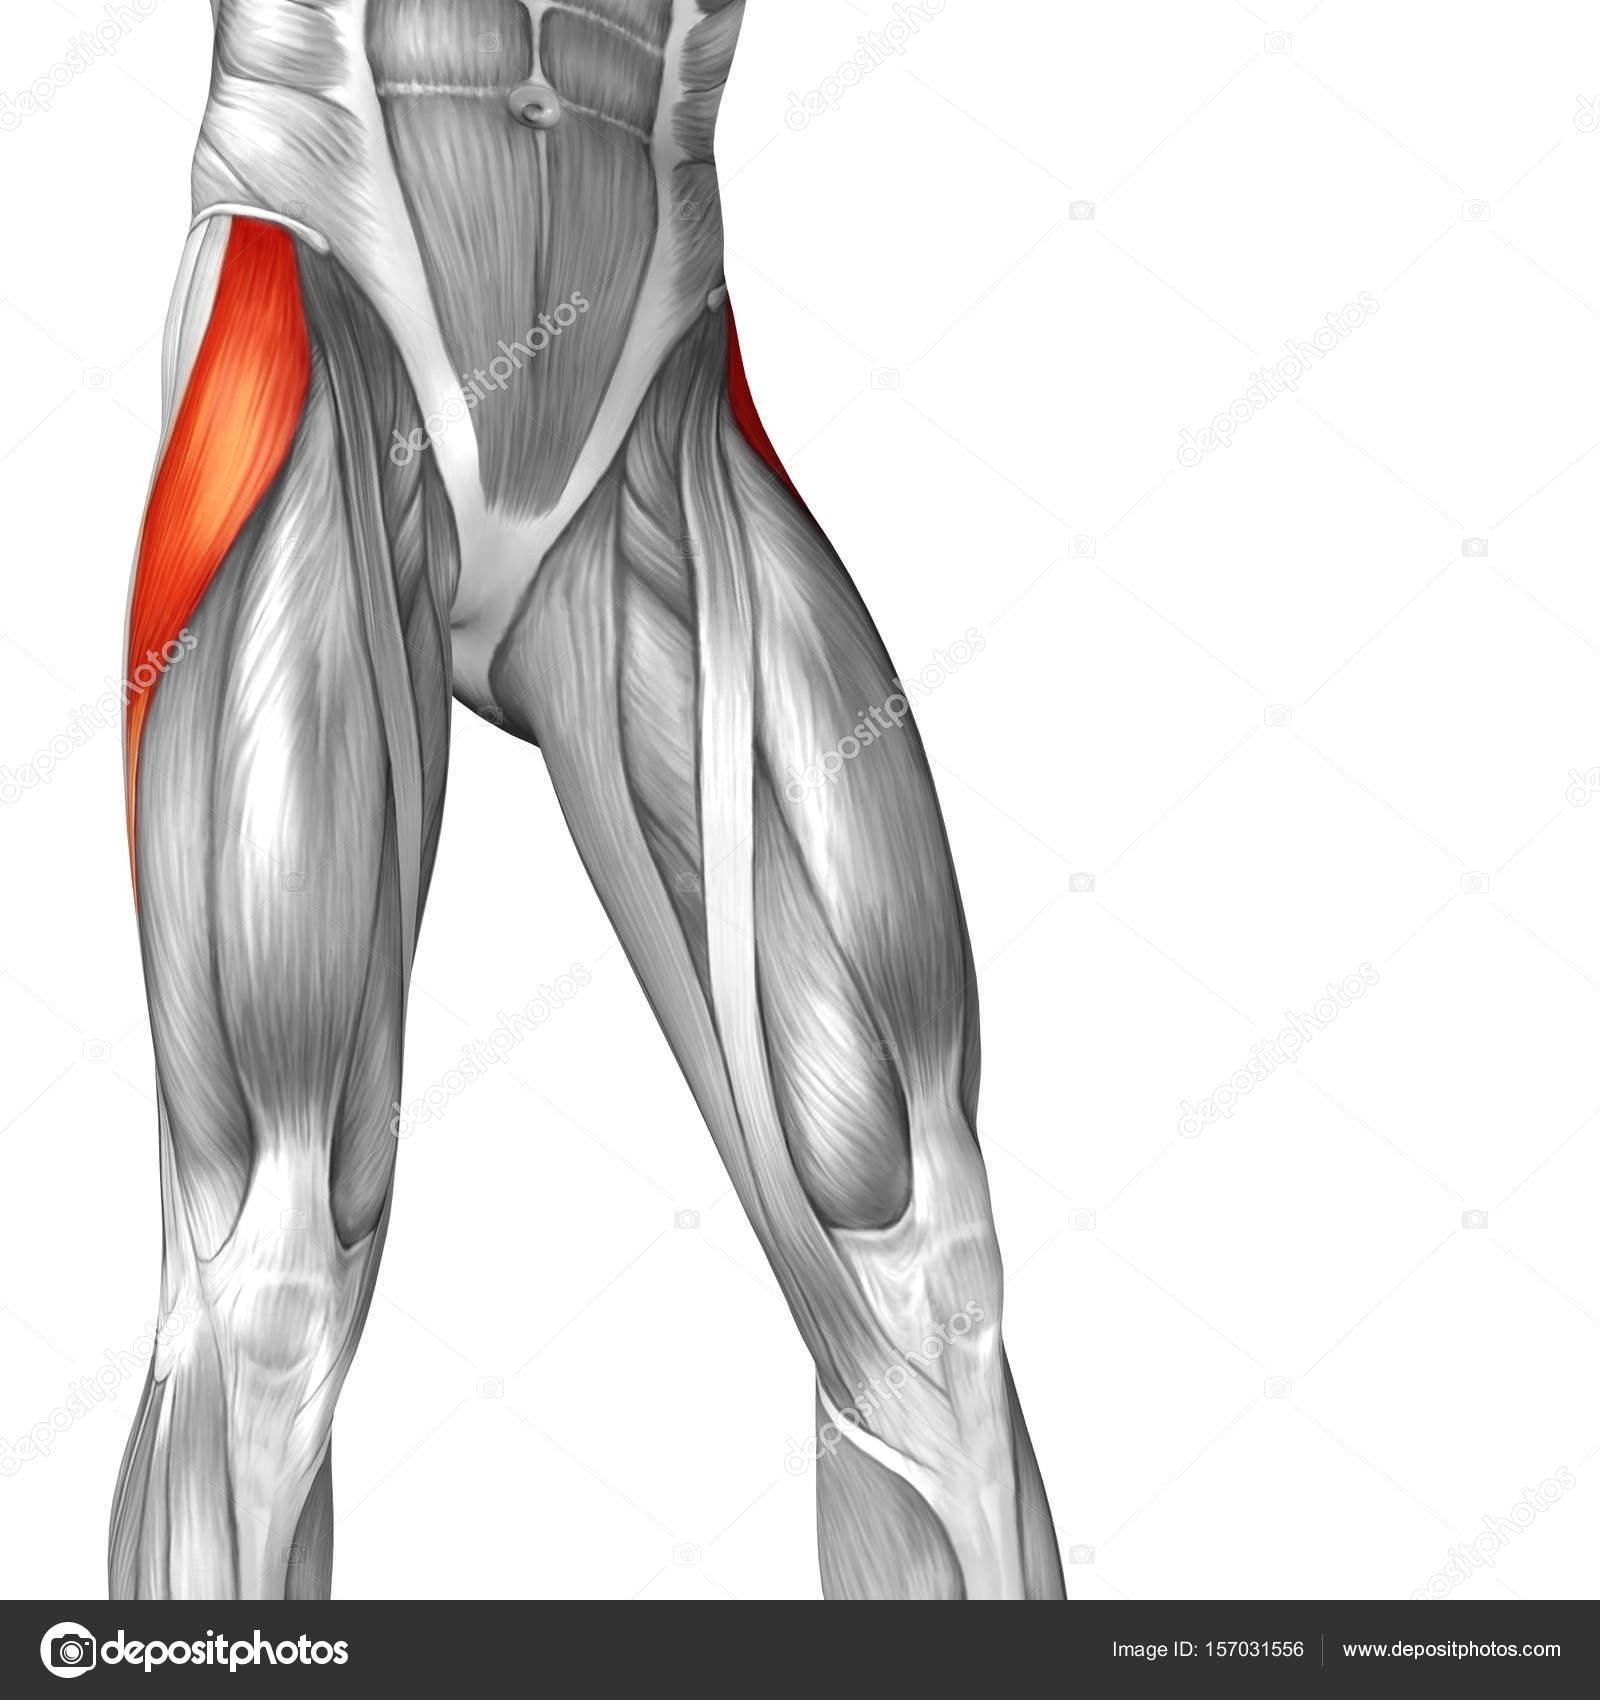 menschliche Oberschenkel-Anatomie — Stockfoto © design36 #157031556